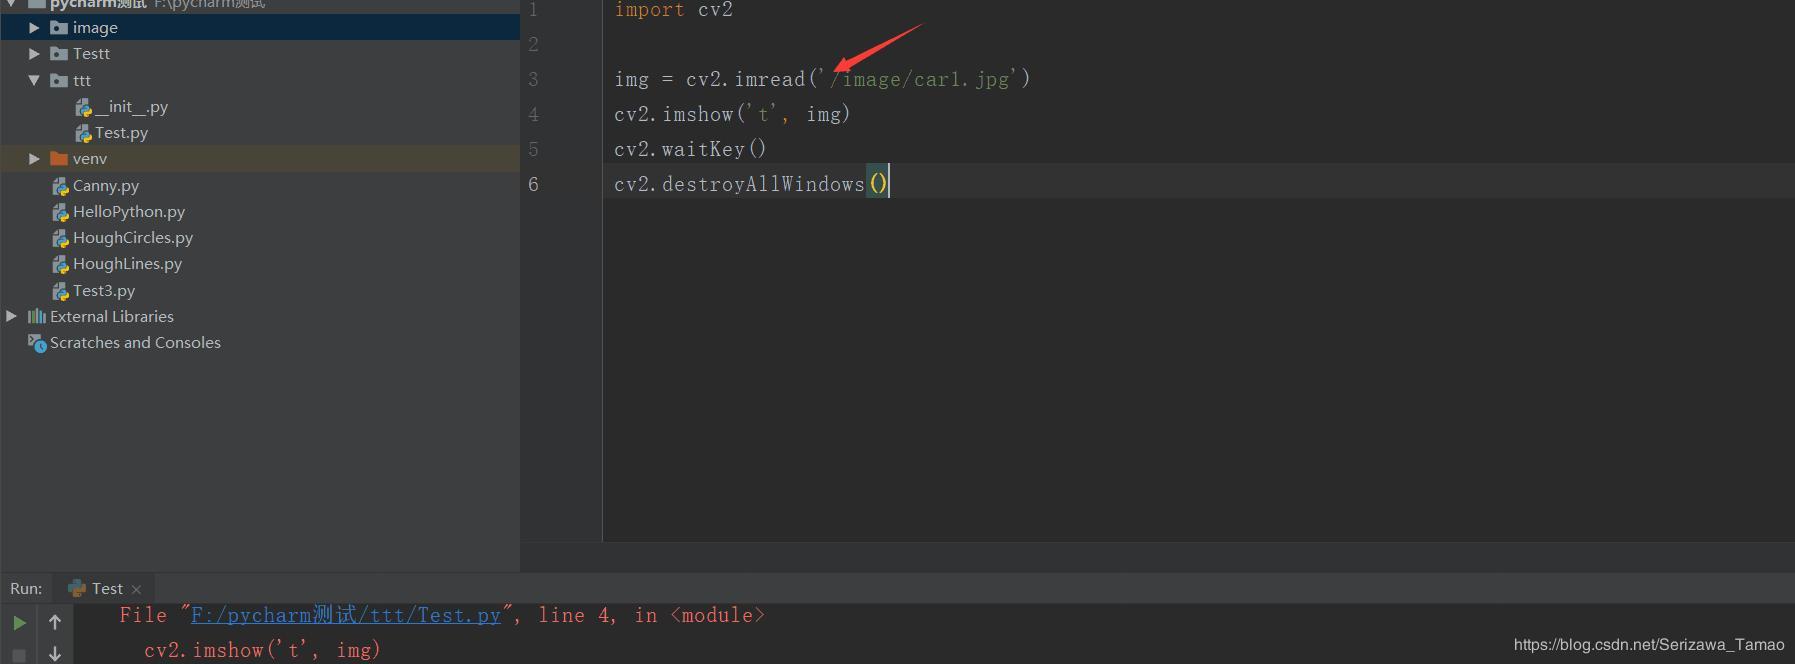 Handling cv2 imshow('t', img) Basic operation error: error: (-215